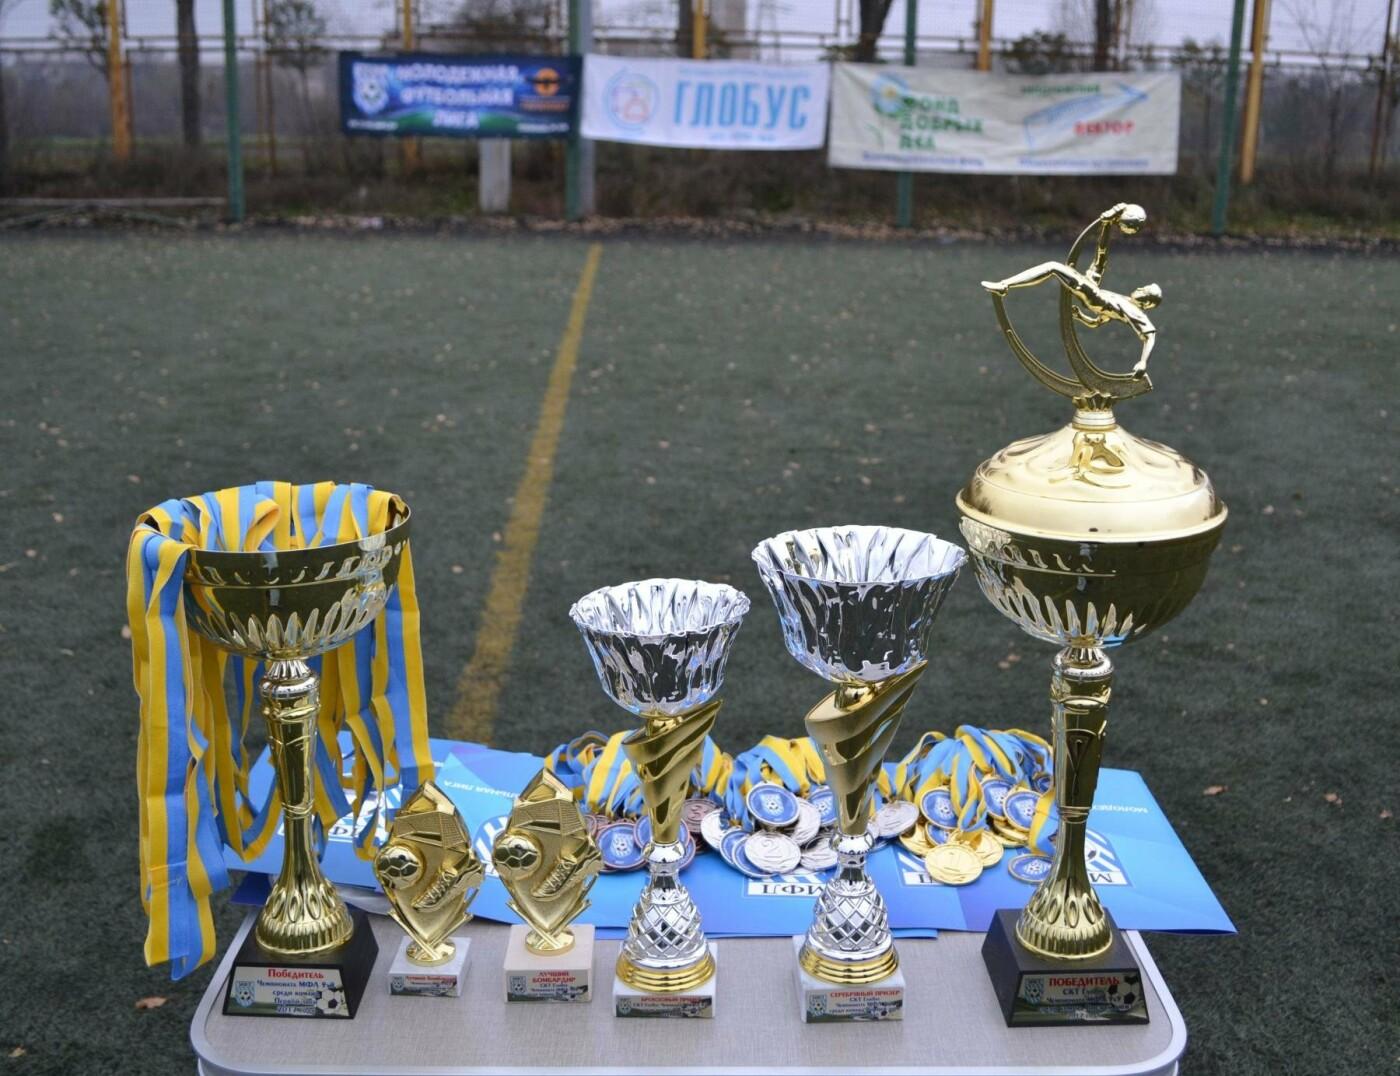 Молодежная футбольная Лига Запорожья успешно завершила свой летний сезон при финансовой поддержке мецената Александра Богуслаева, фото-12